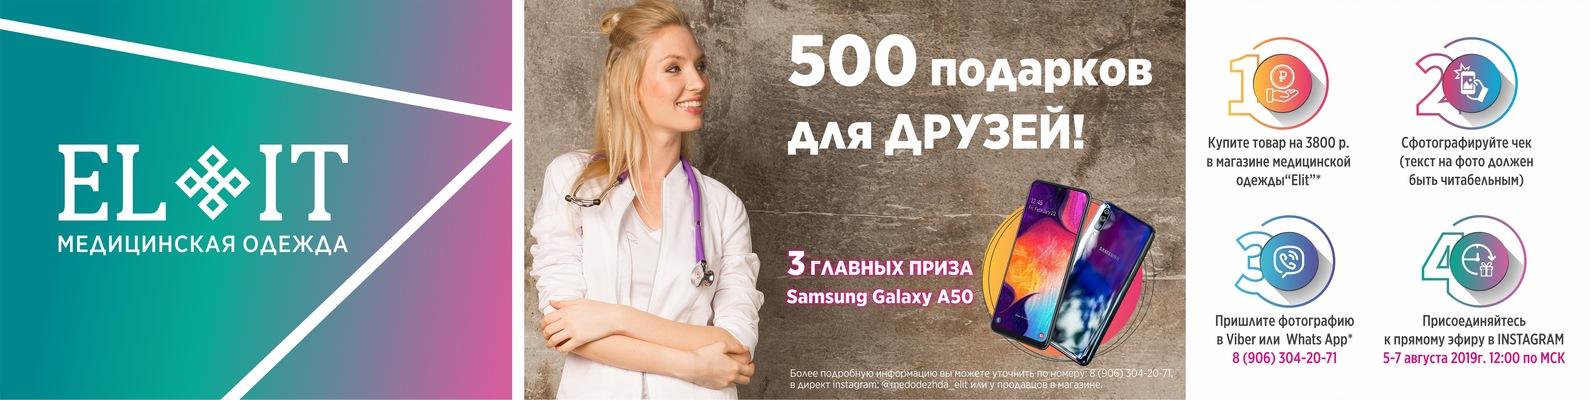 ca2f1aca6269 Медицинская одежда «ELIT» | ВКонтакте